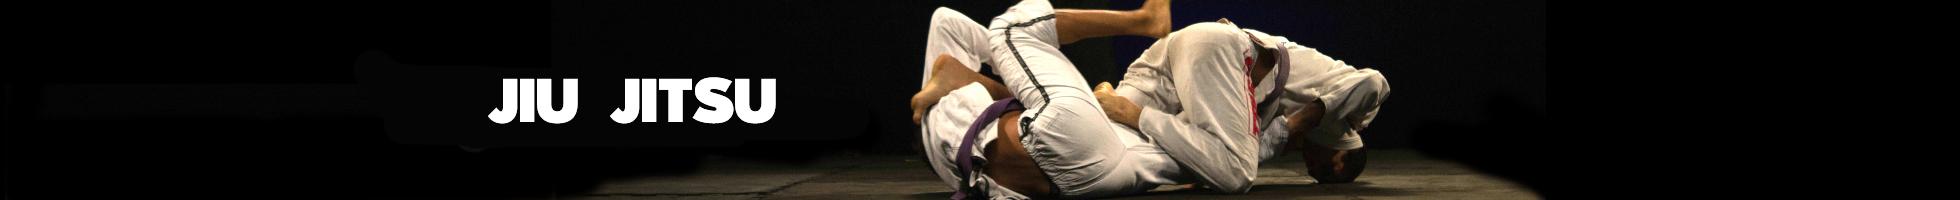 Jiu-Jitsu en BJJ